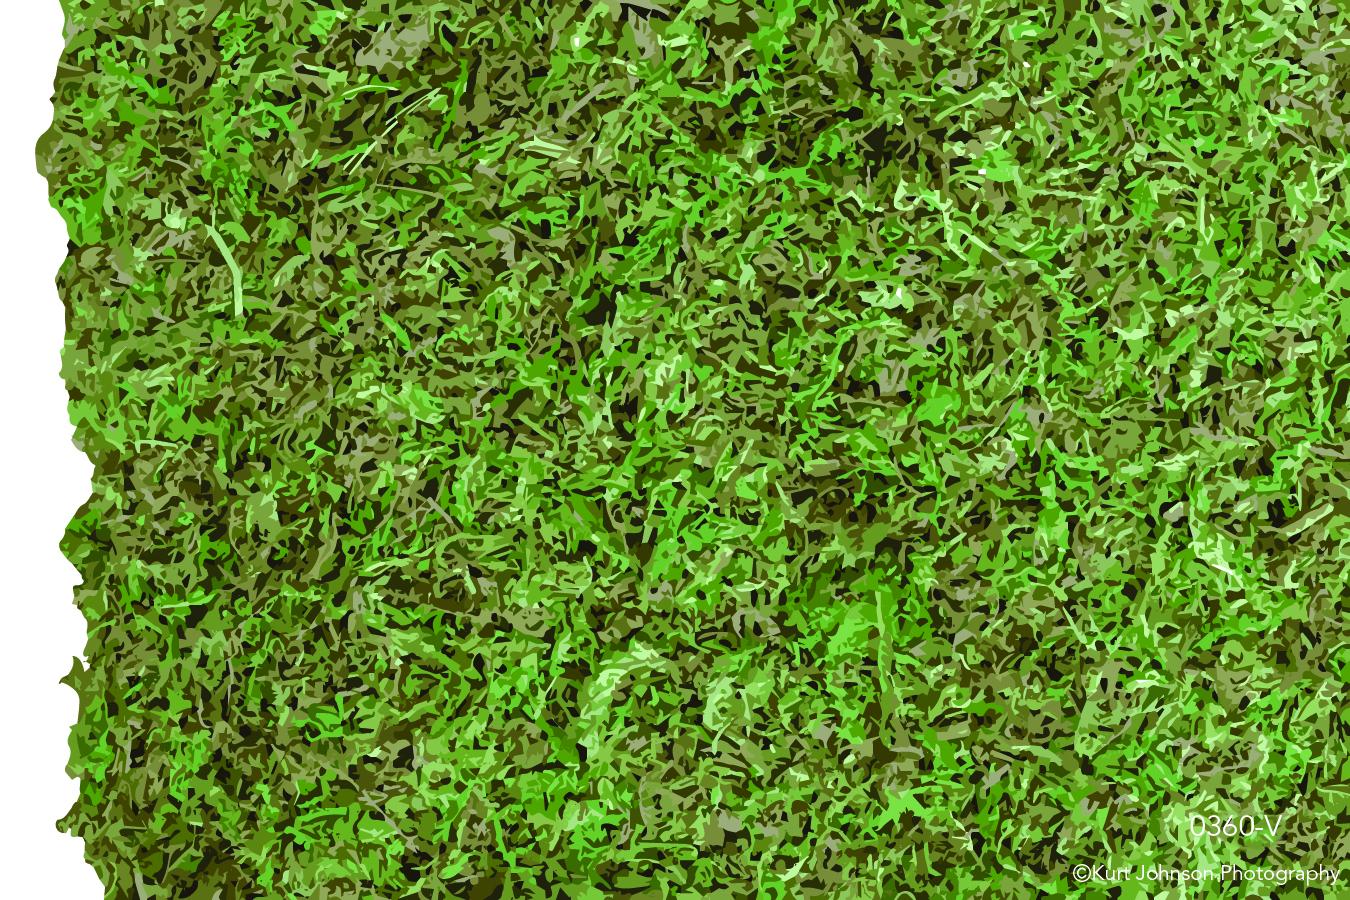 green moss living wall texture pattern grass close up macro detail vector